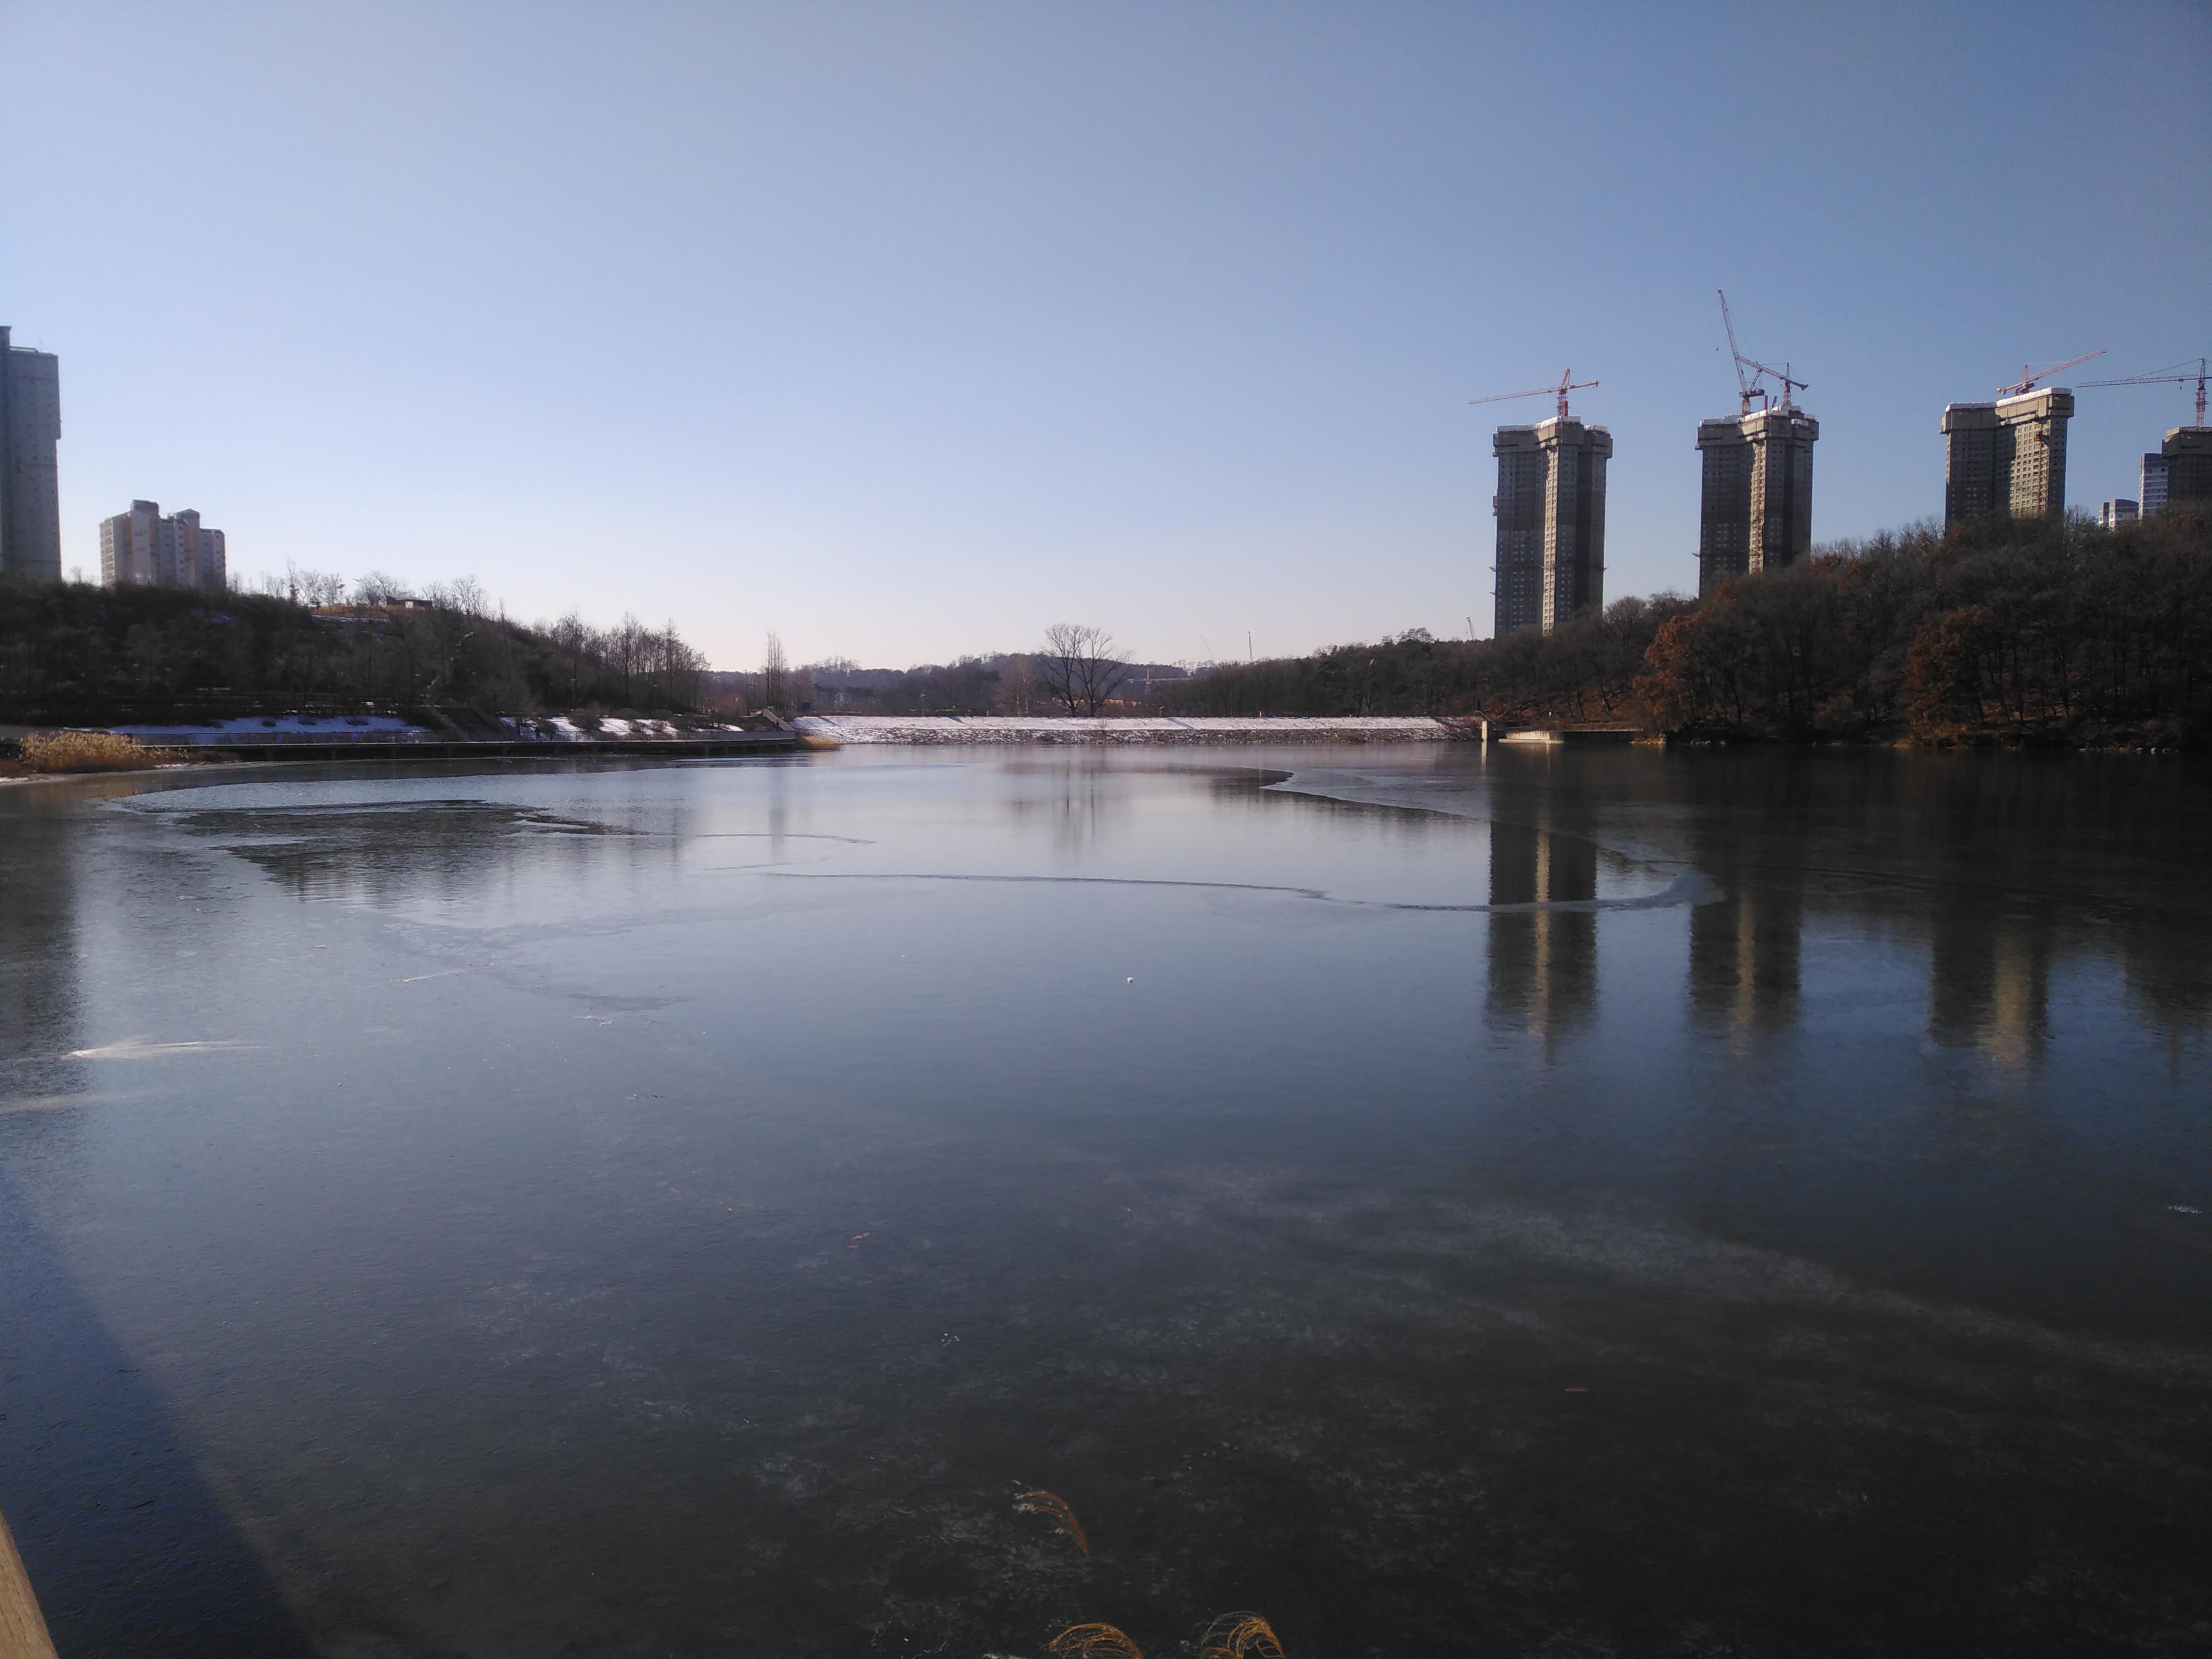 신대호수의 물